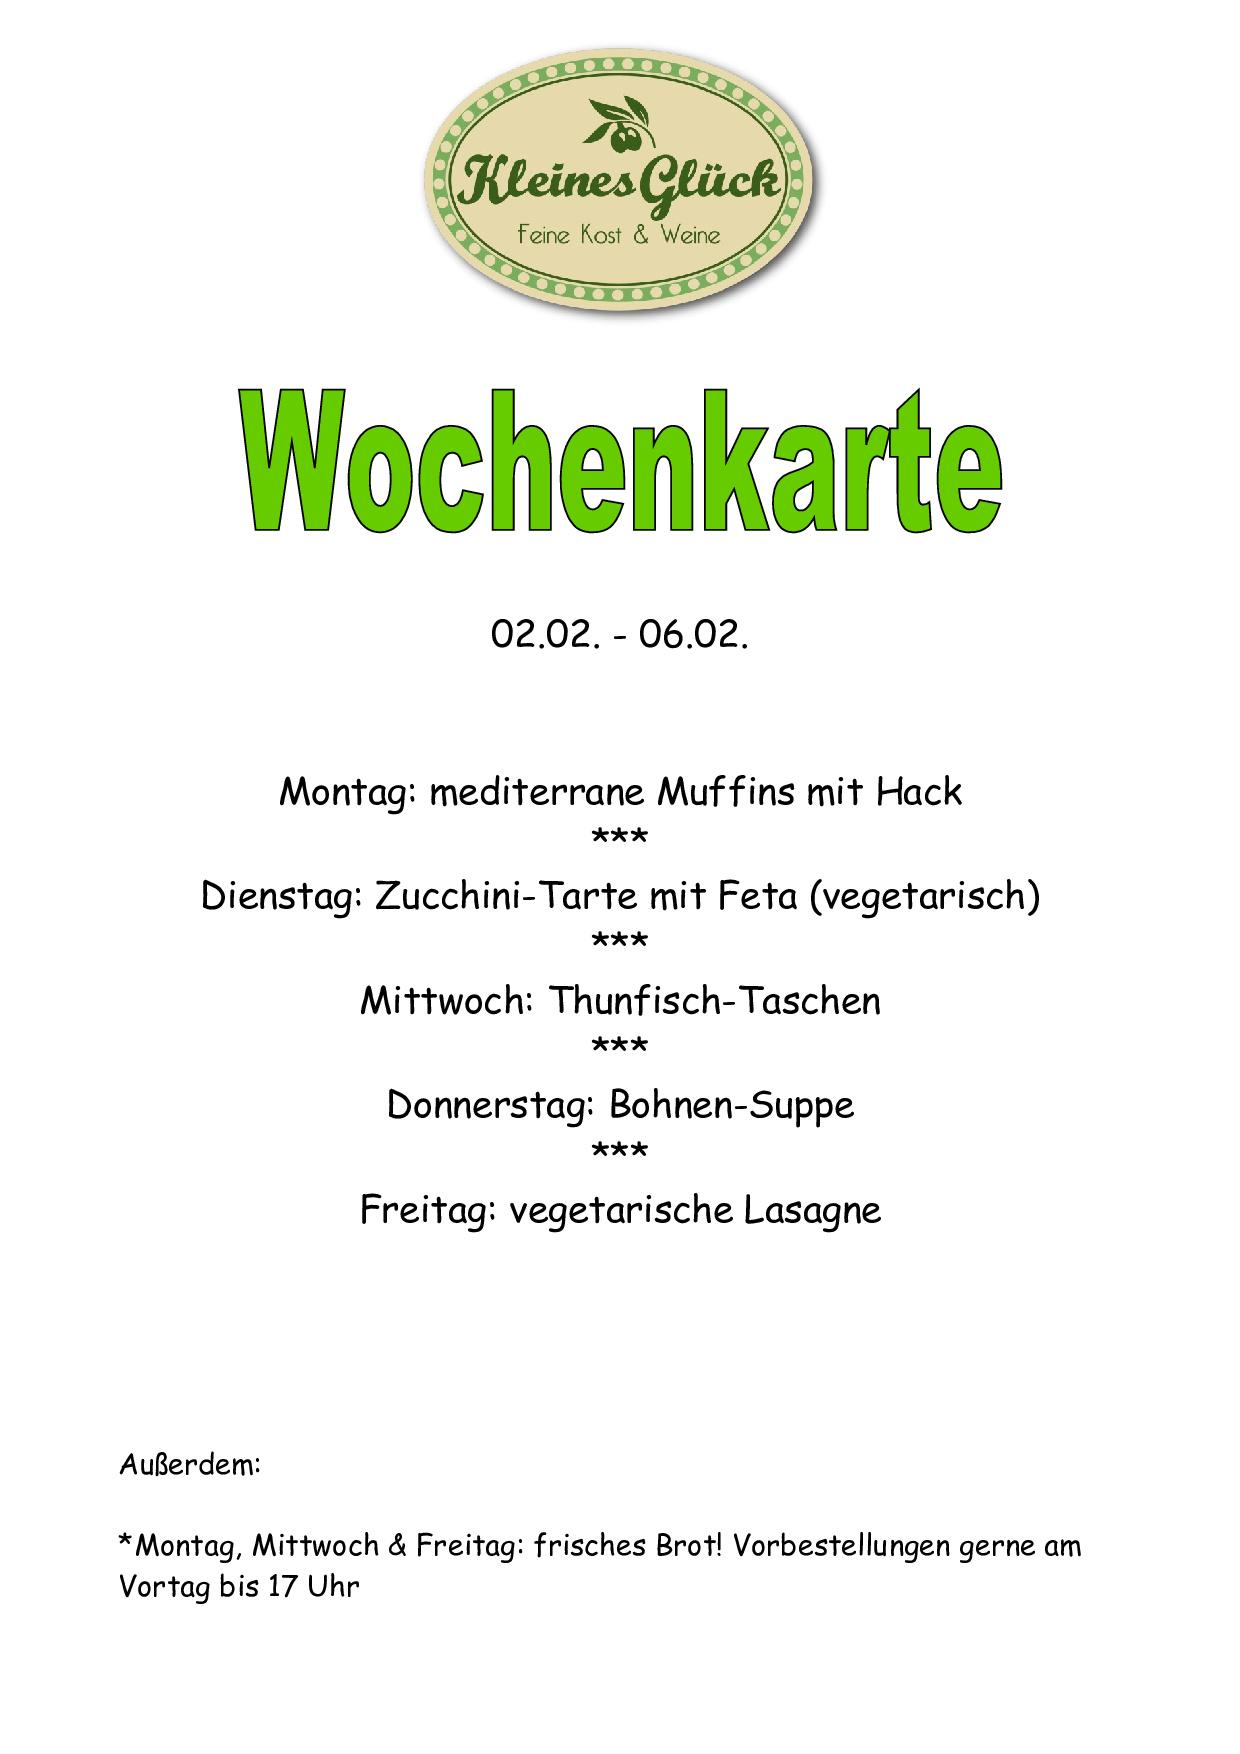 Wochenkarte_15-05